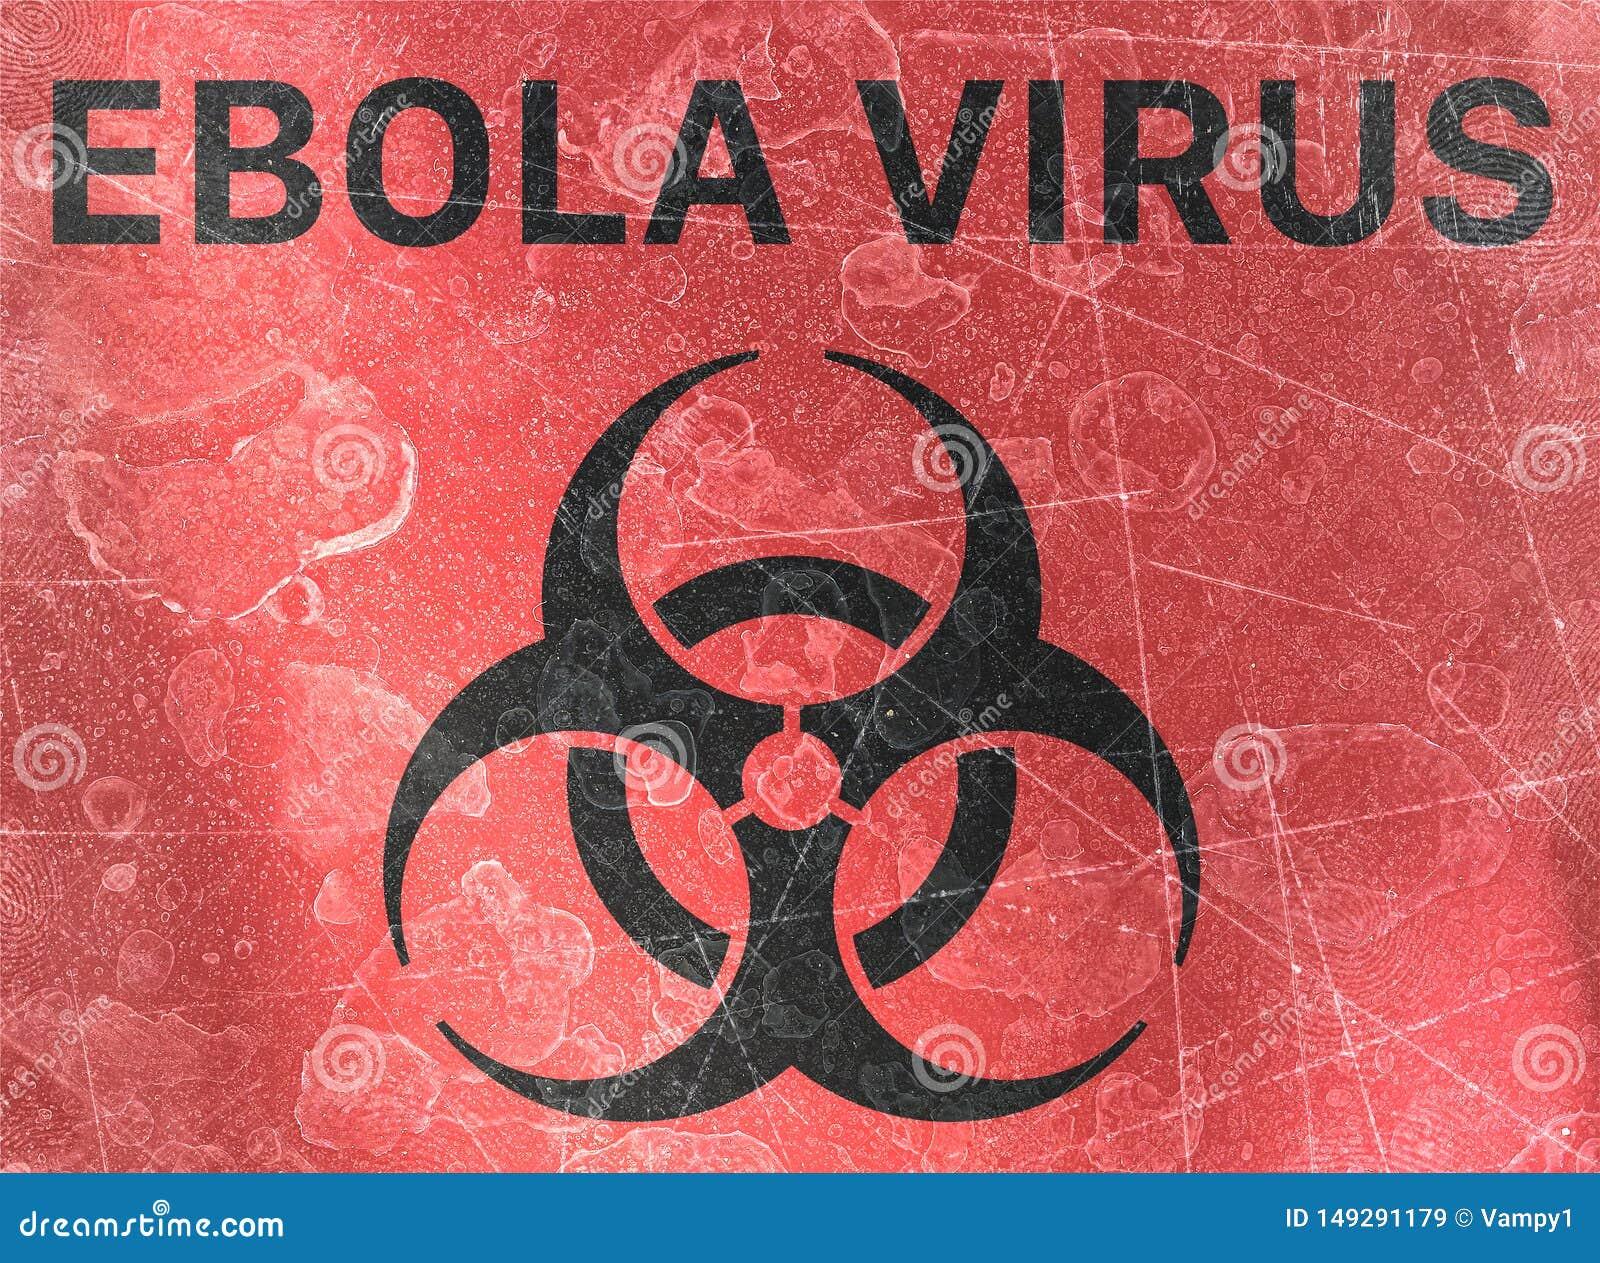 Ο ιός Ebola, biohazards, αναφέρεται στις βιολογικές ουσίες που αποτελούν απειλή για την υγεία των οργανισμών διαβίωσης, ιοί